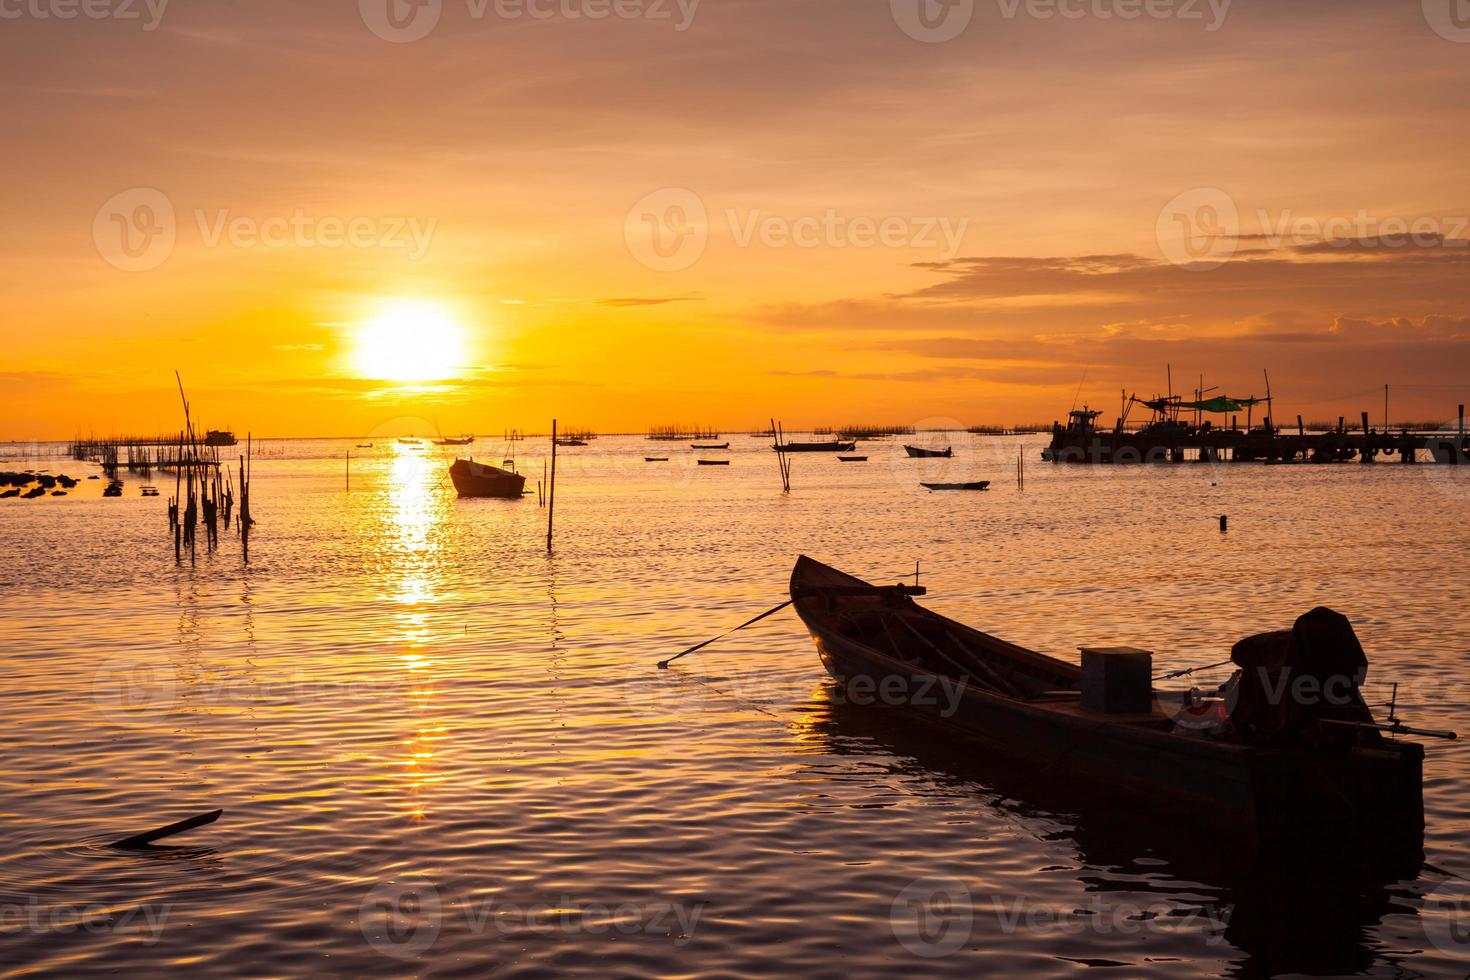 barcos en el agua con una puesta de sol naranja foto